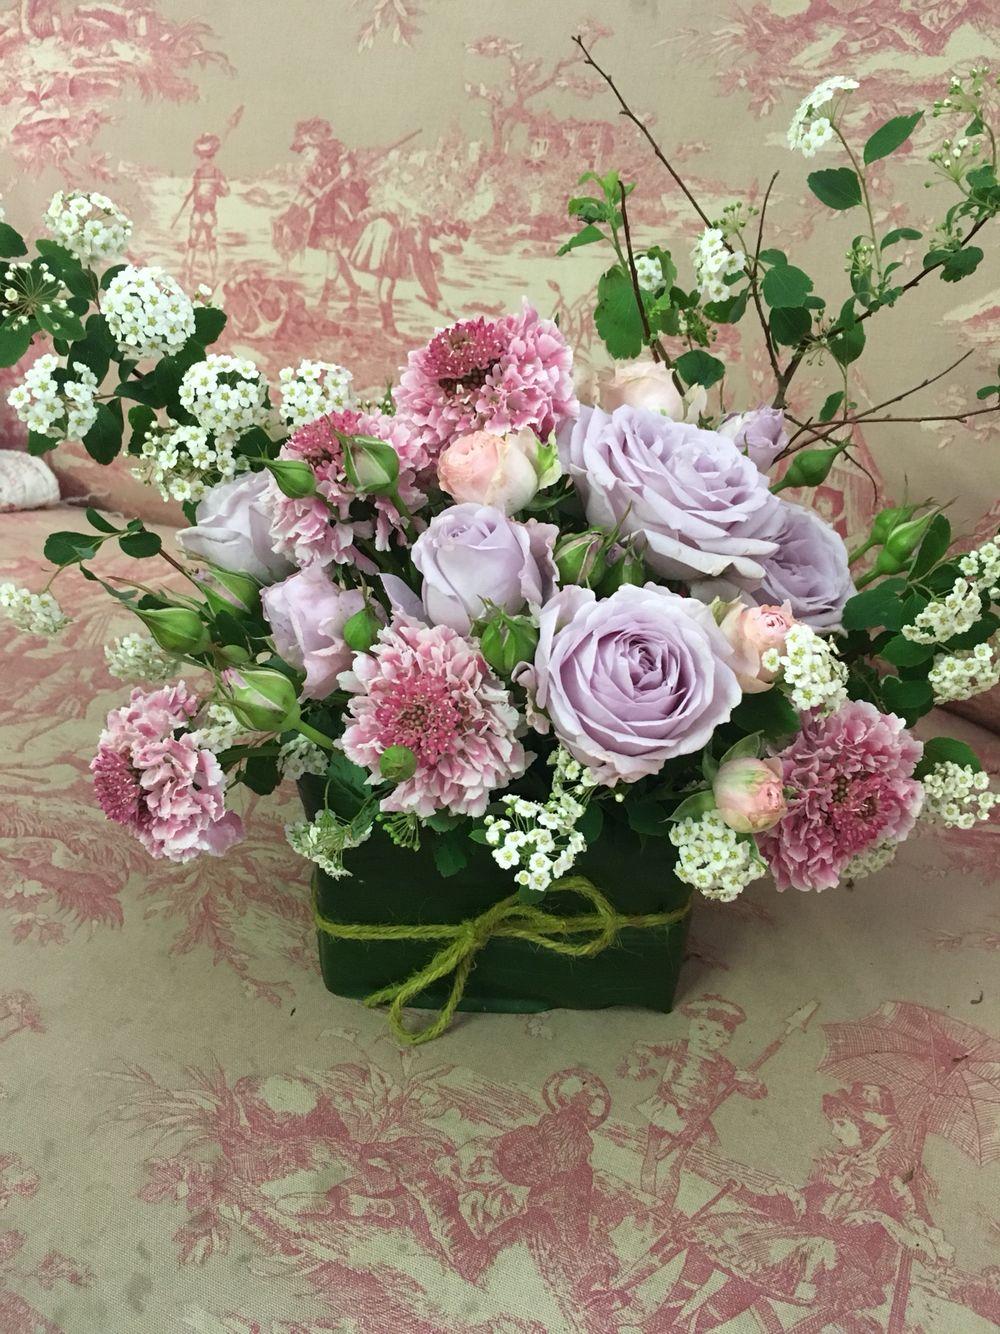 Centrotavola shabby chic allestimento matrimonio fiori for Allestimento giardino matrimonio